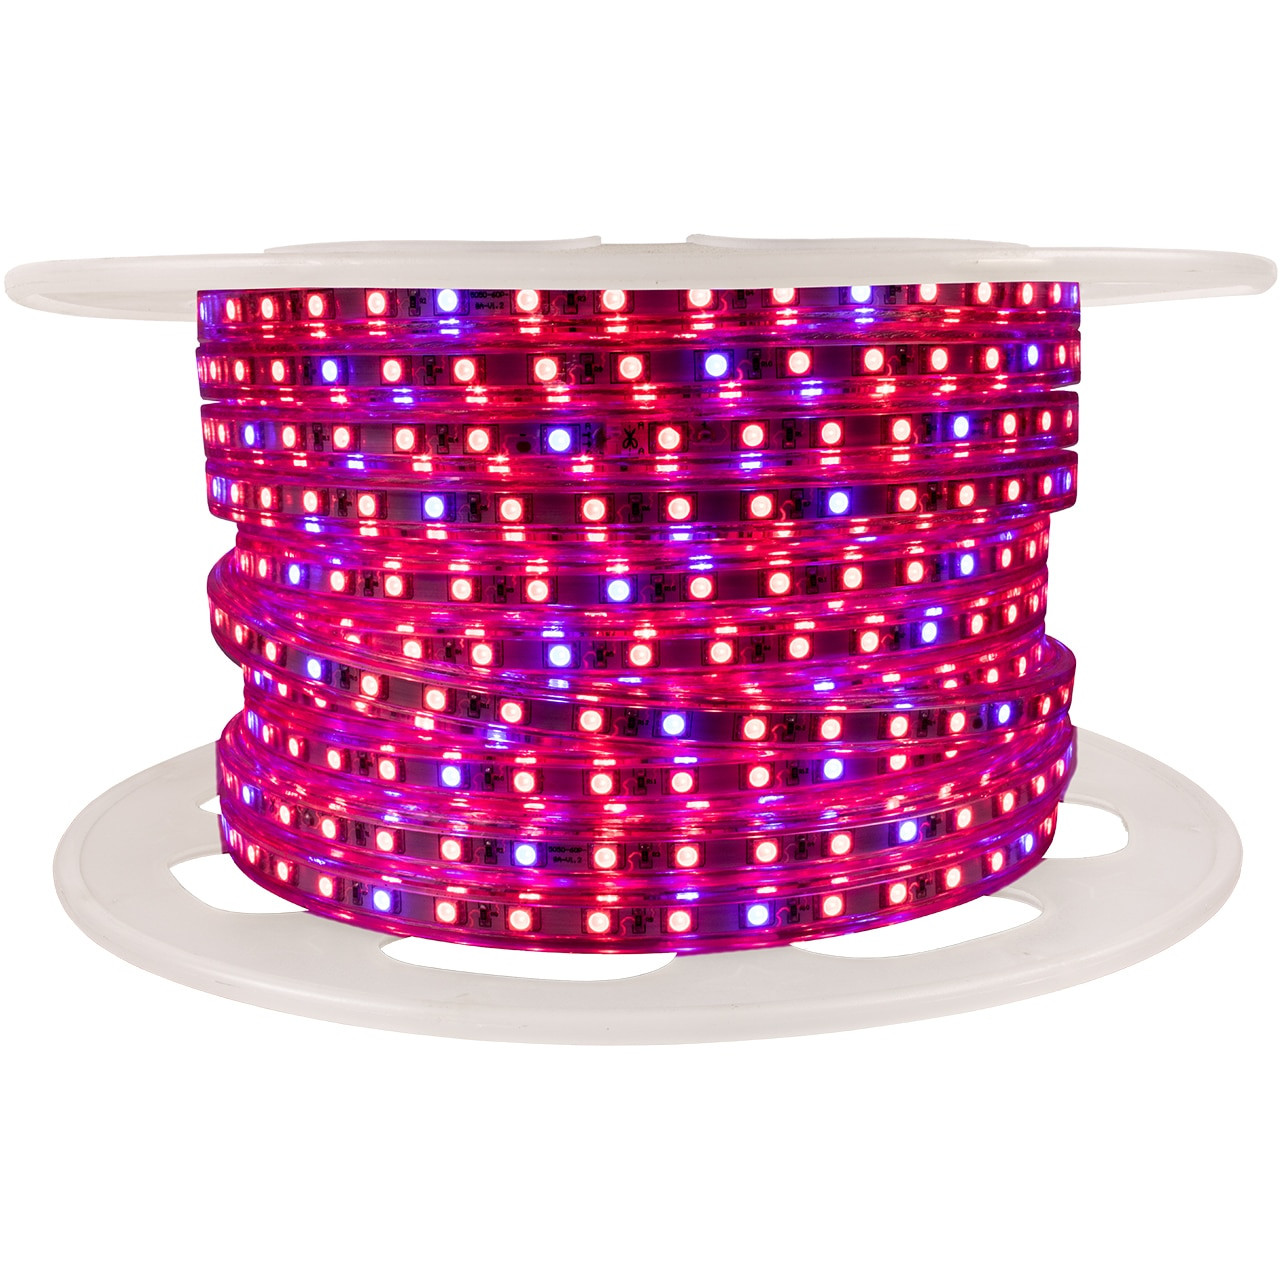 120v LED Grow Lights | LED Grow Light Strips | Birddog Lighting